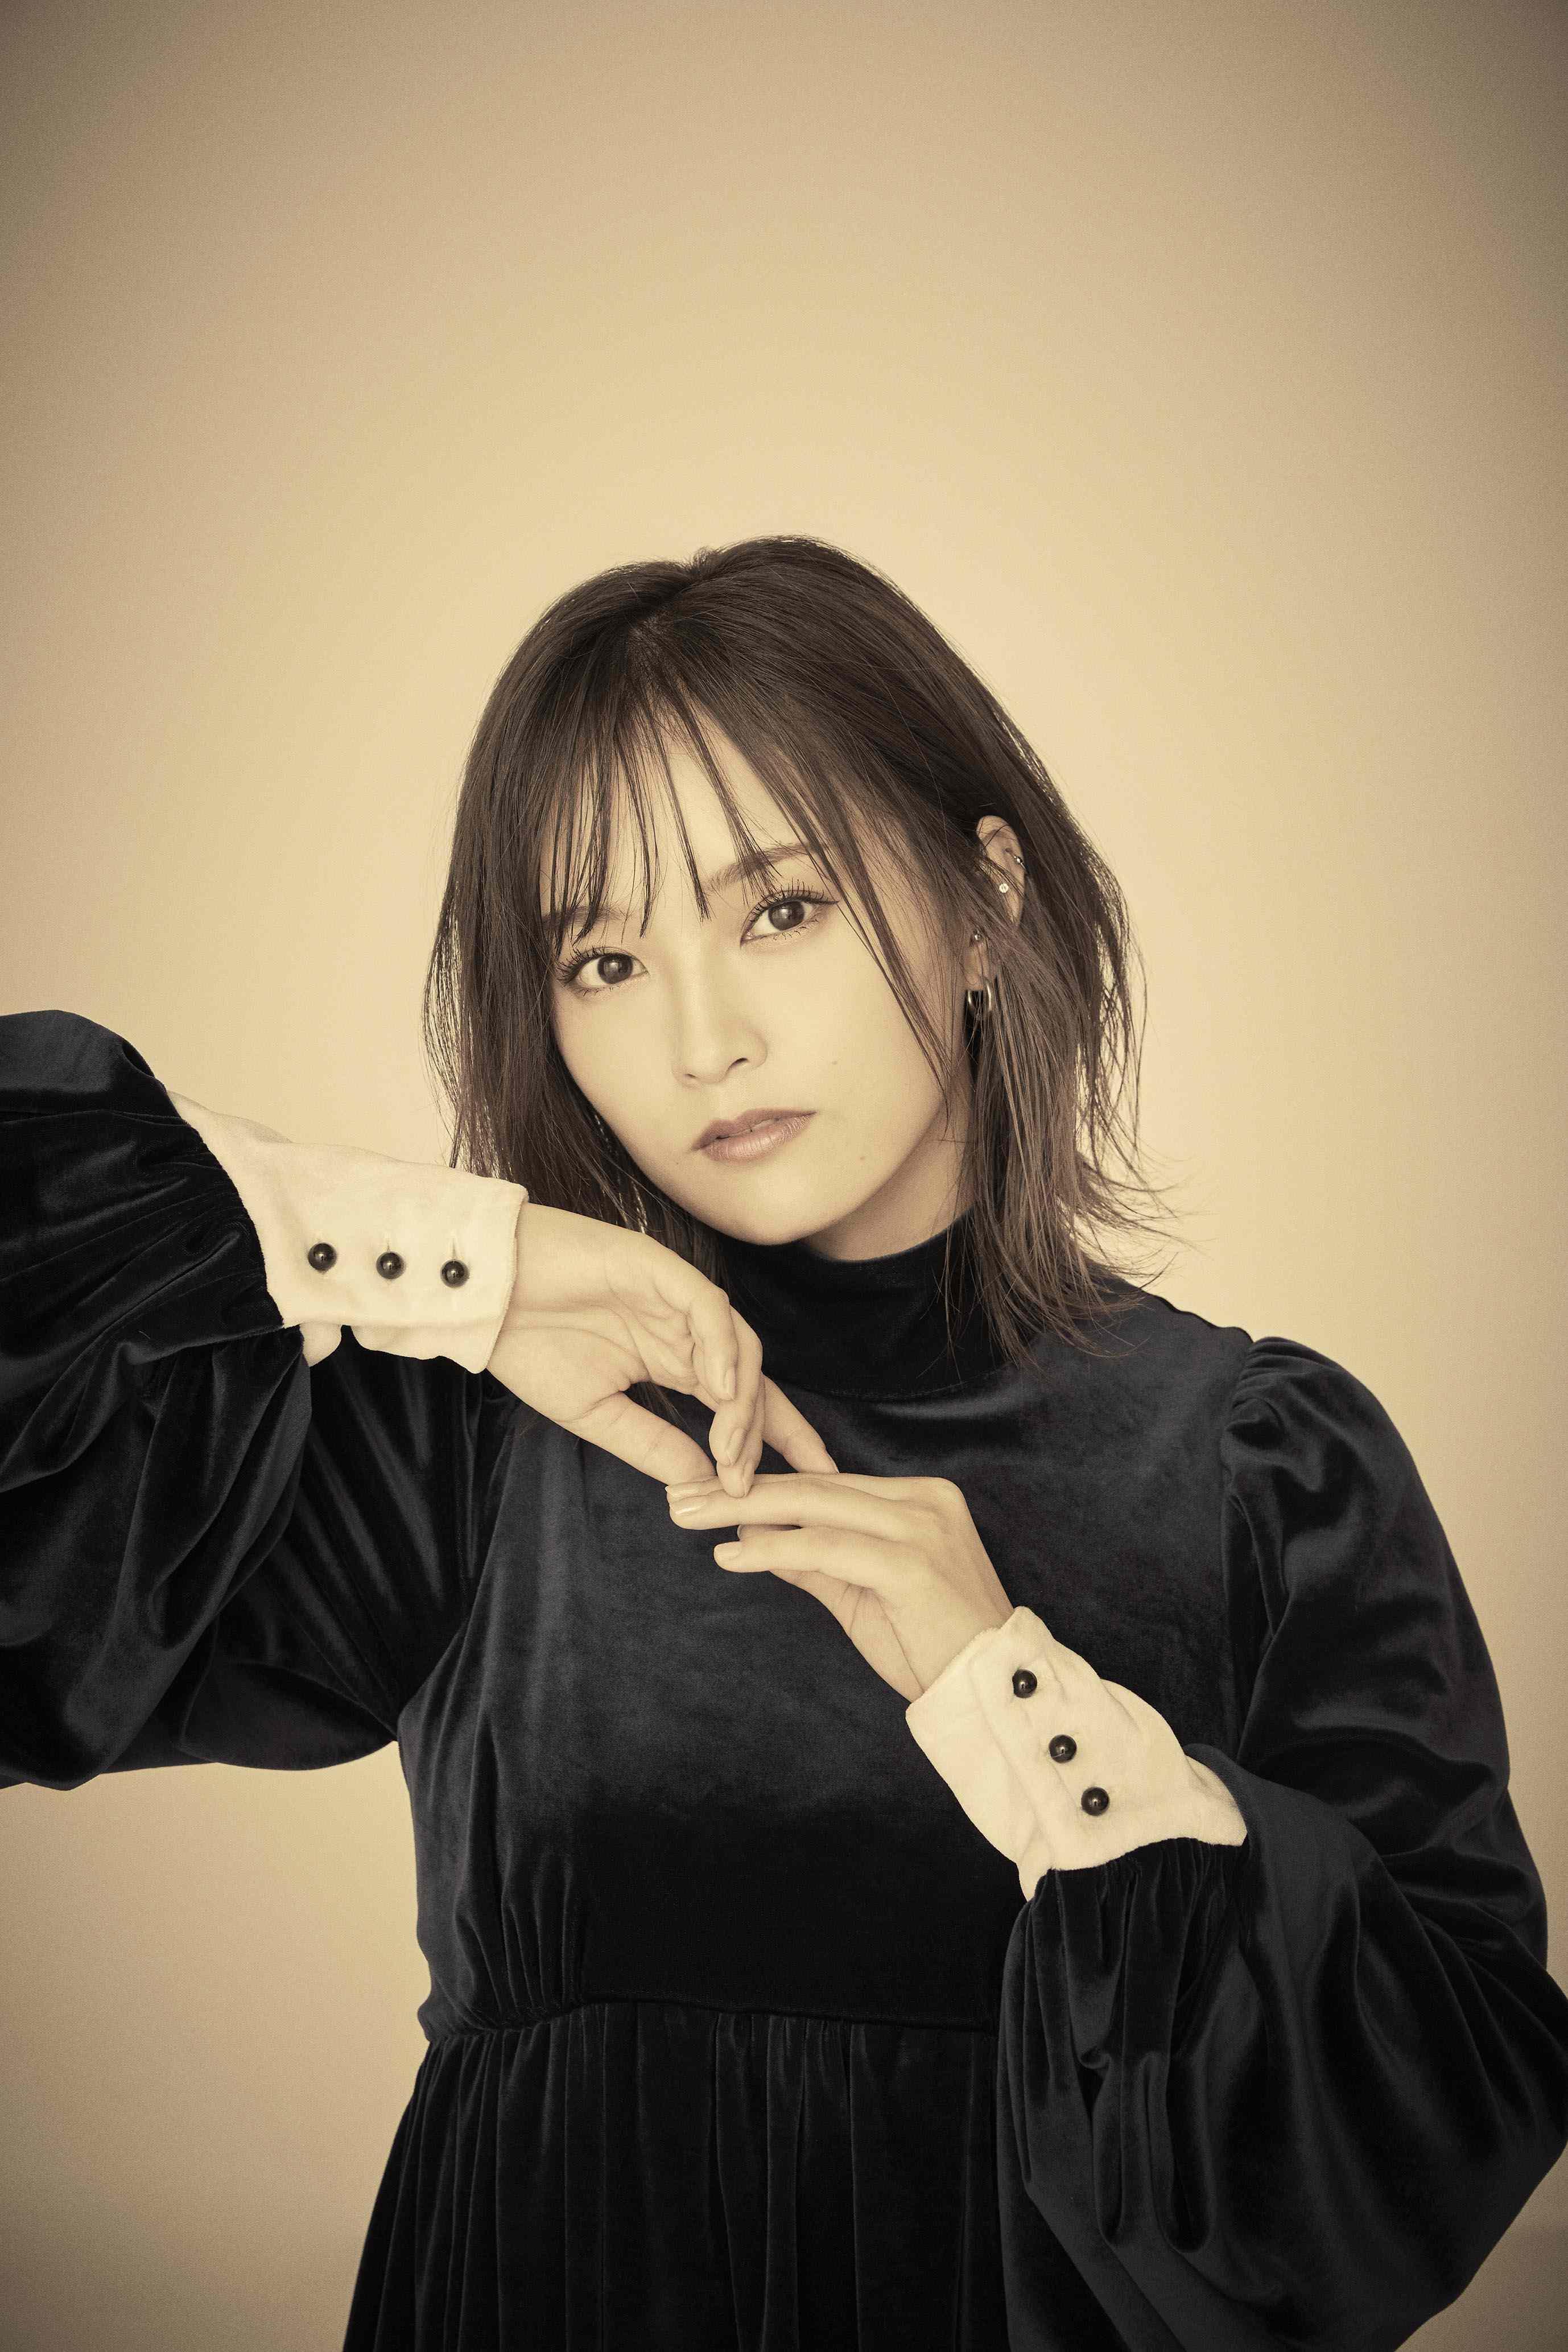 山本彩、新曲「あいまって。」の配信リリースが10月27日(水)に決定。新アーティスト写真公開